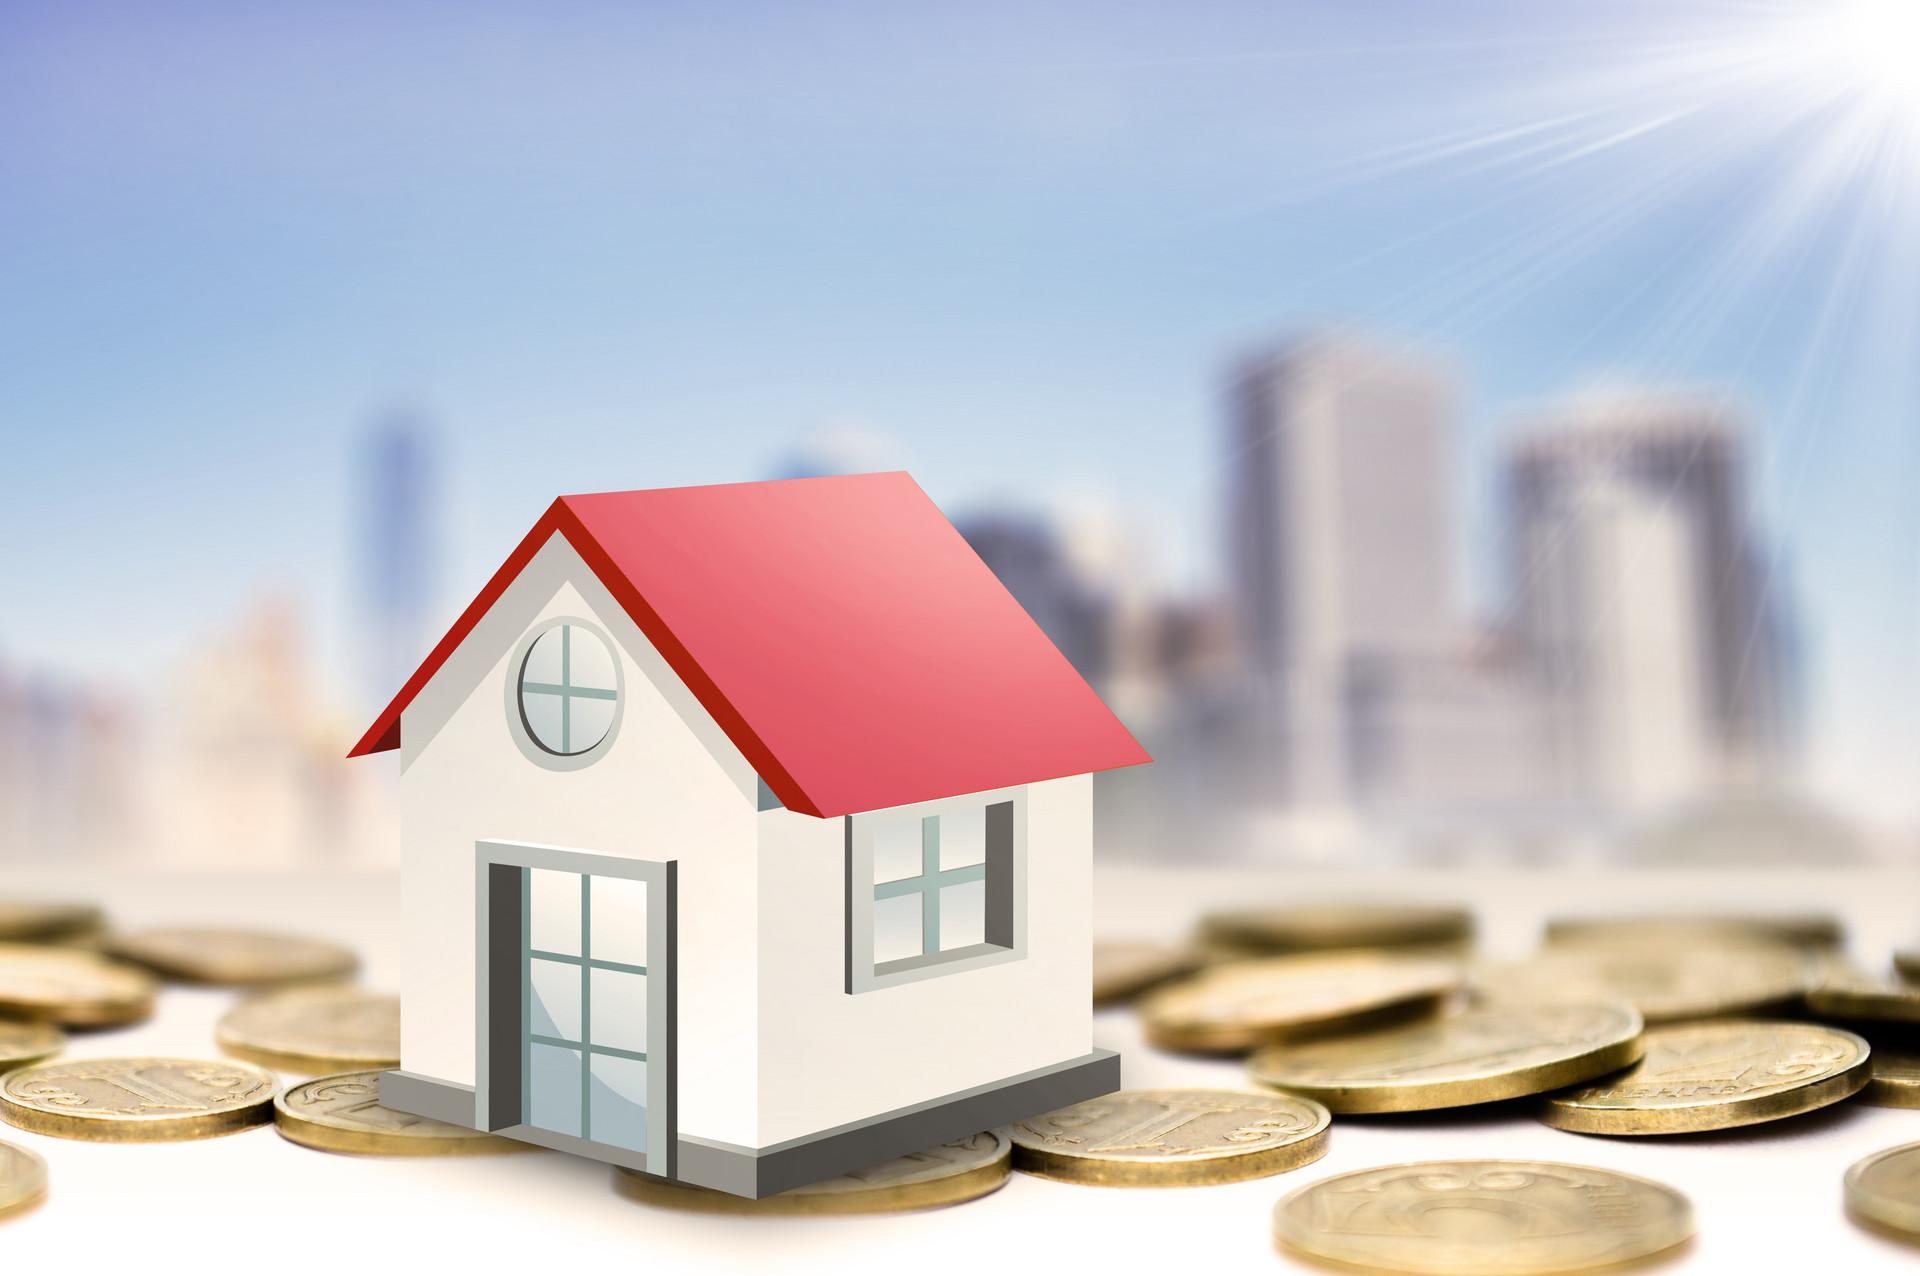 青岛新房价格小涨 二手房价持续下探